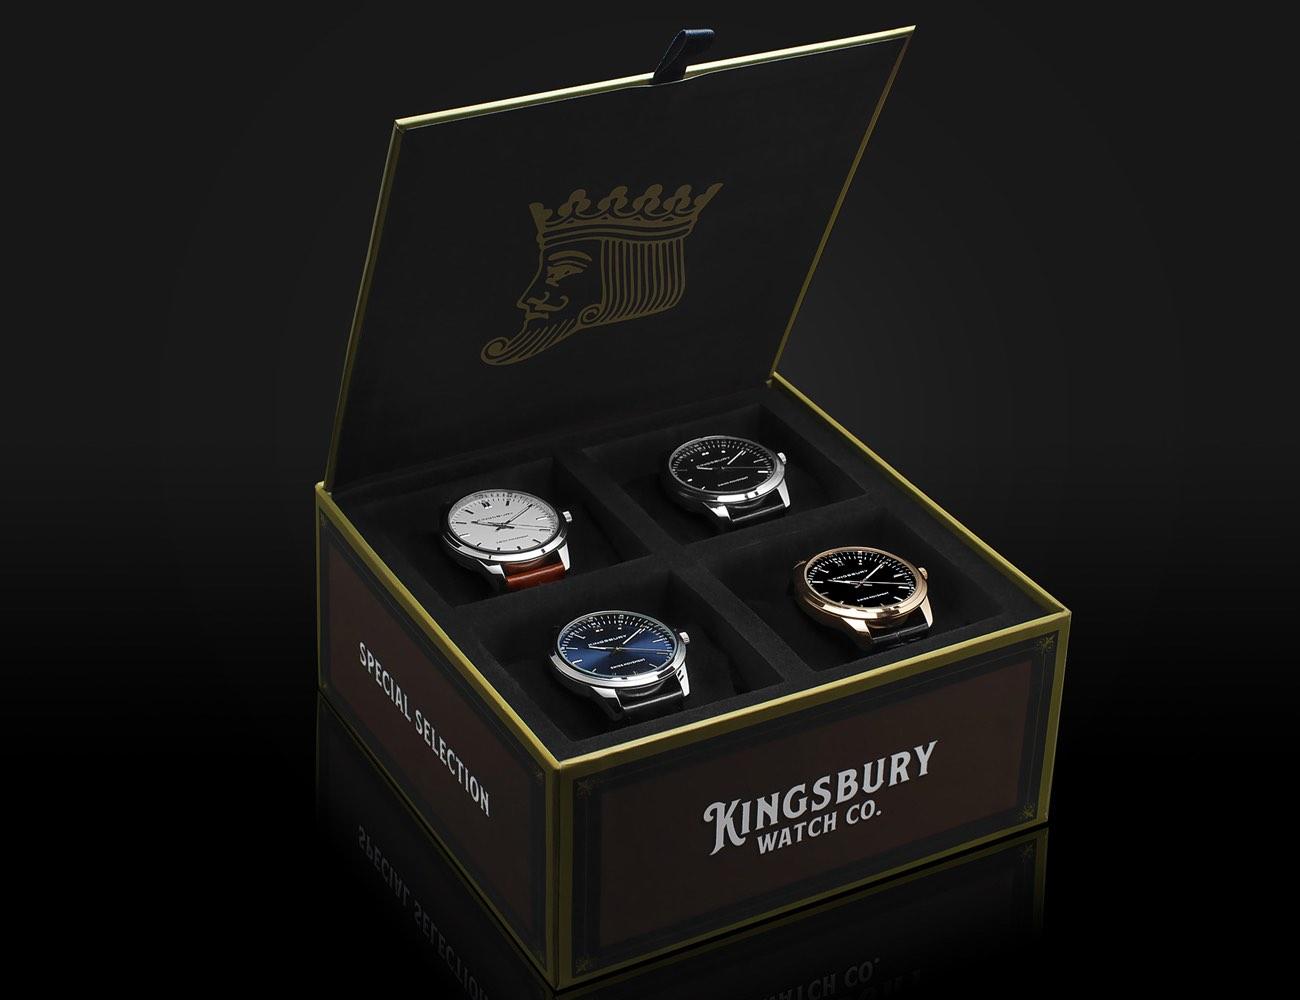 Kingsbury Cigar Box Watch Set